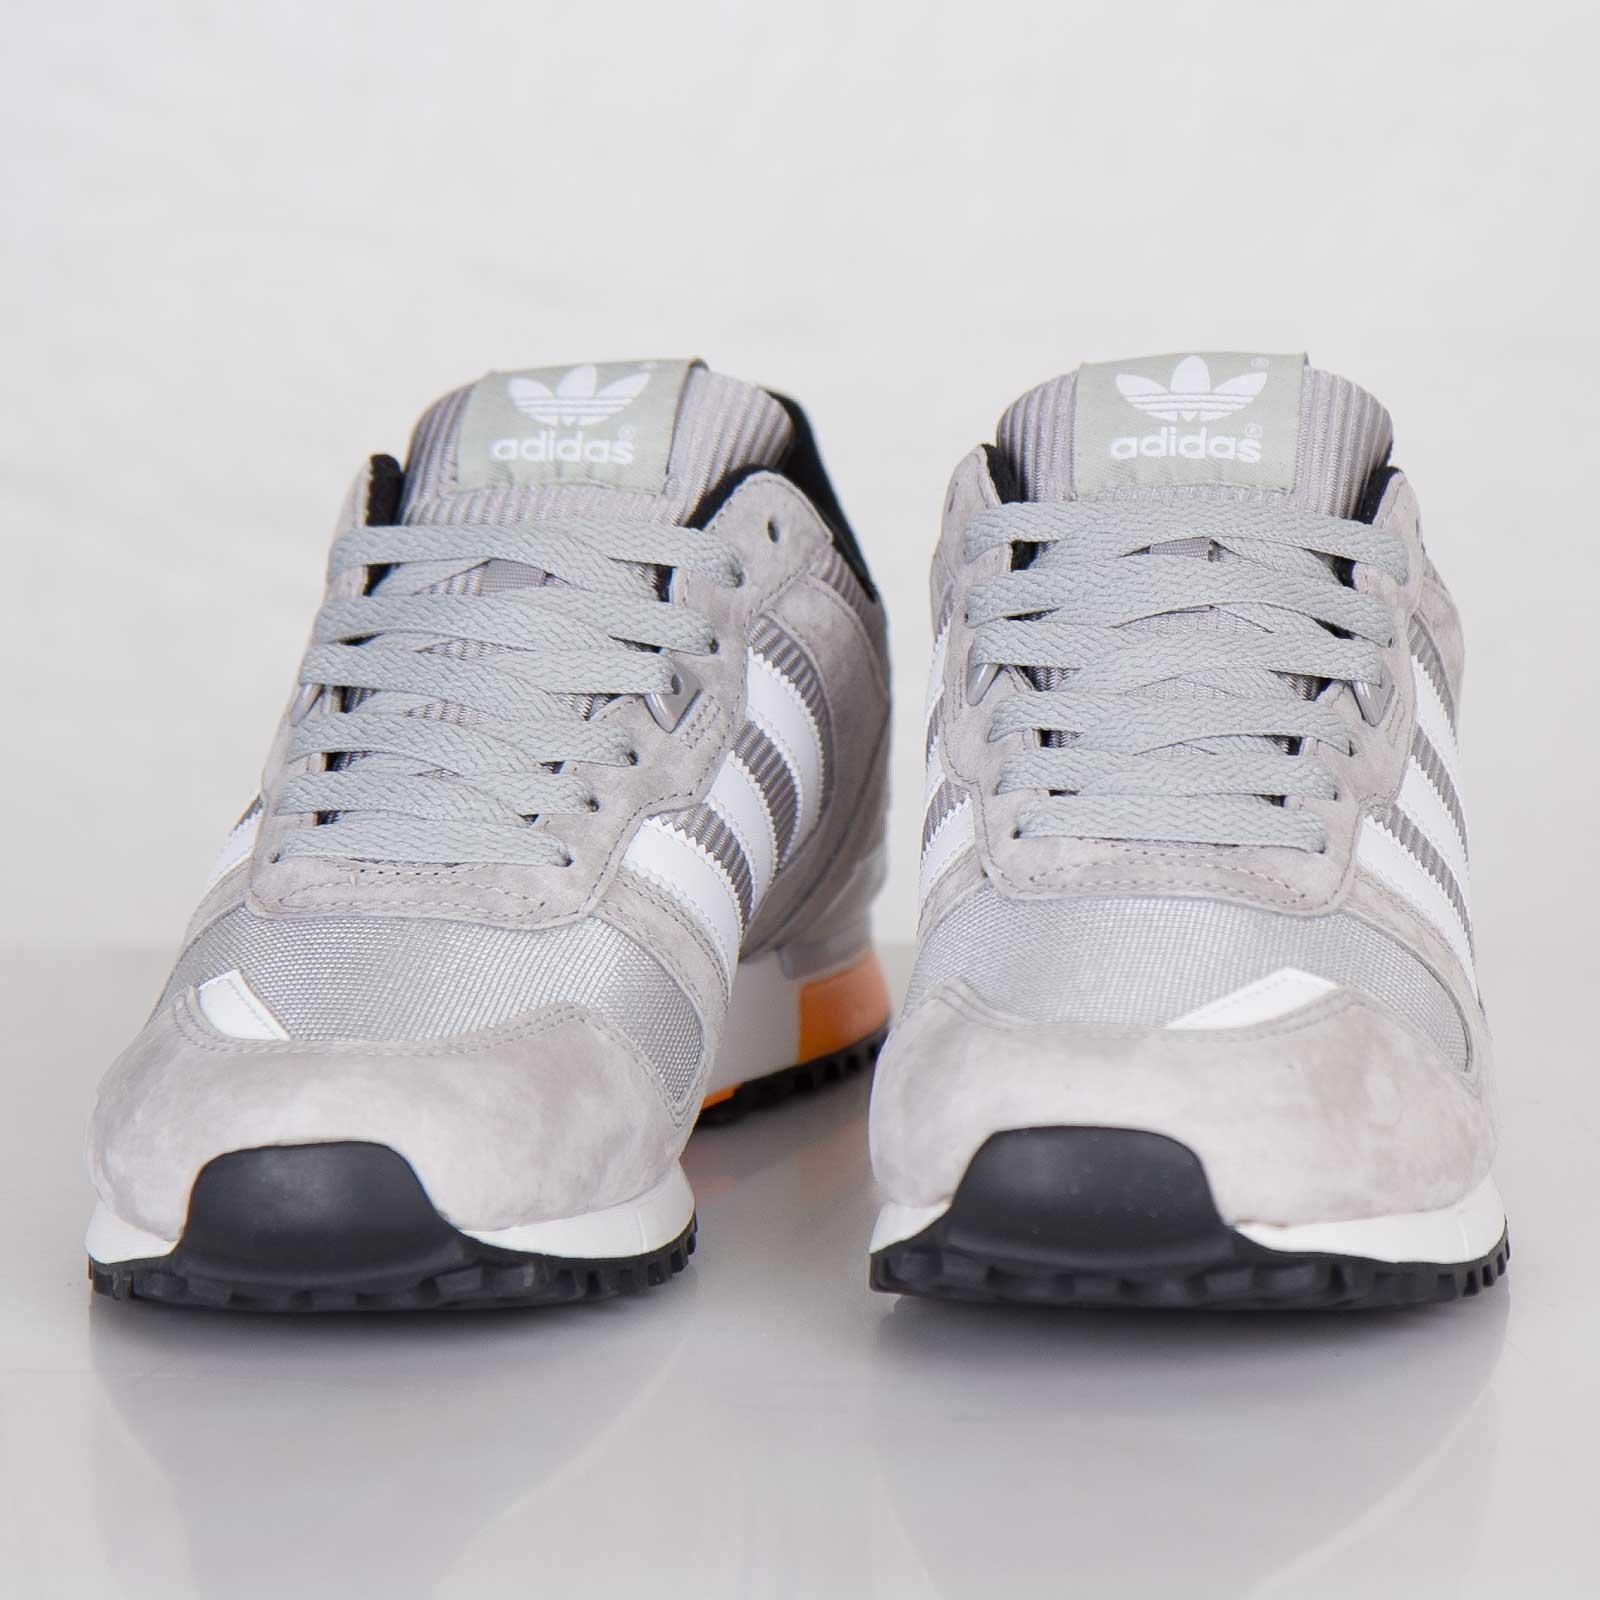 be4d883dc910d adidas ZX 700 - D65646 - Sneakersnstuff